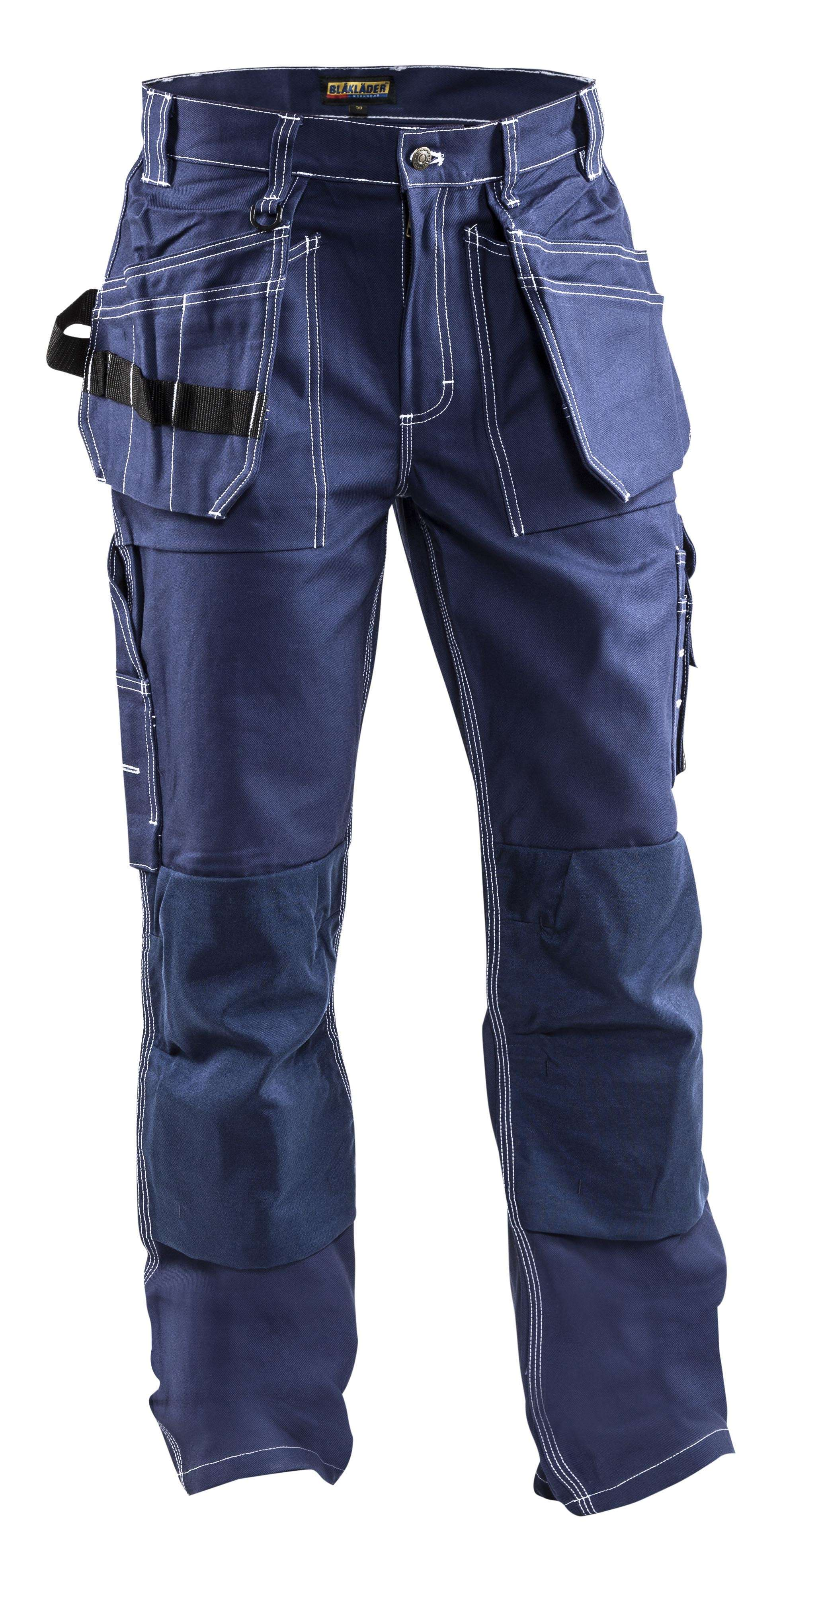 Blaklader Werkbroeken 15301370 marineblauw(8800)